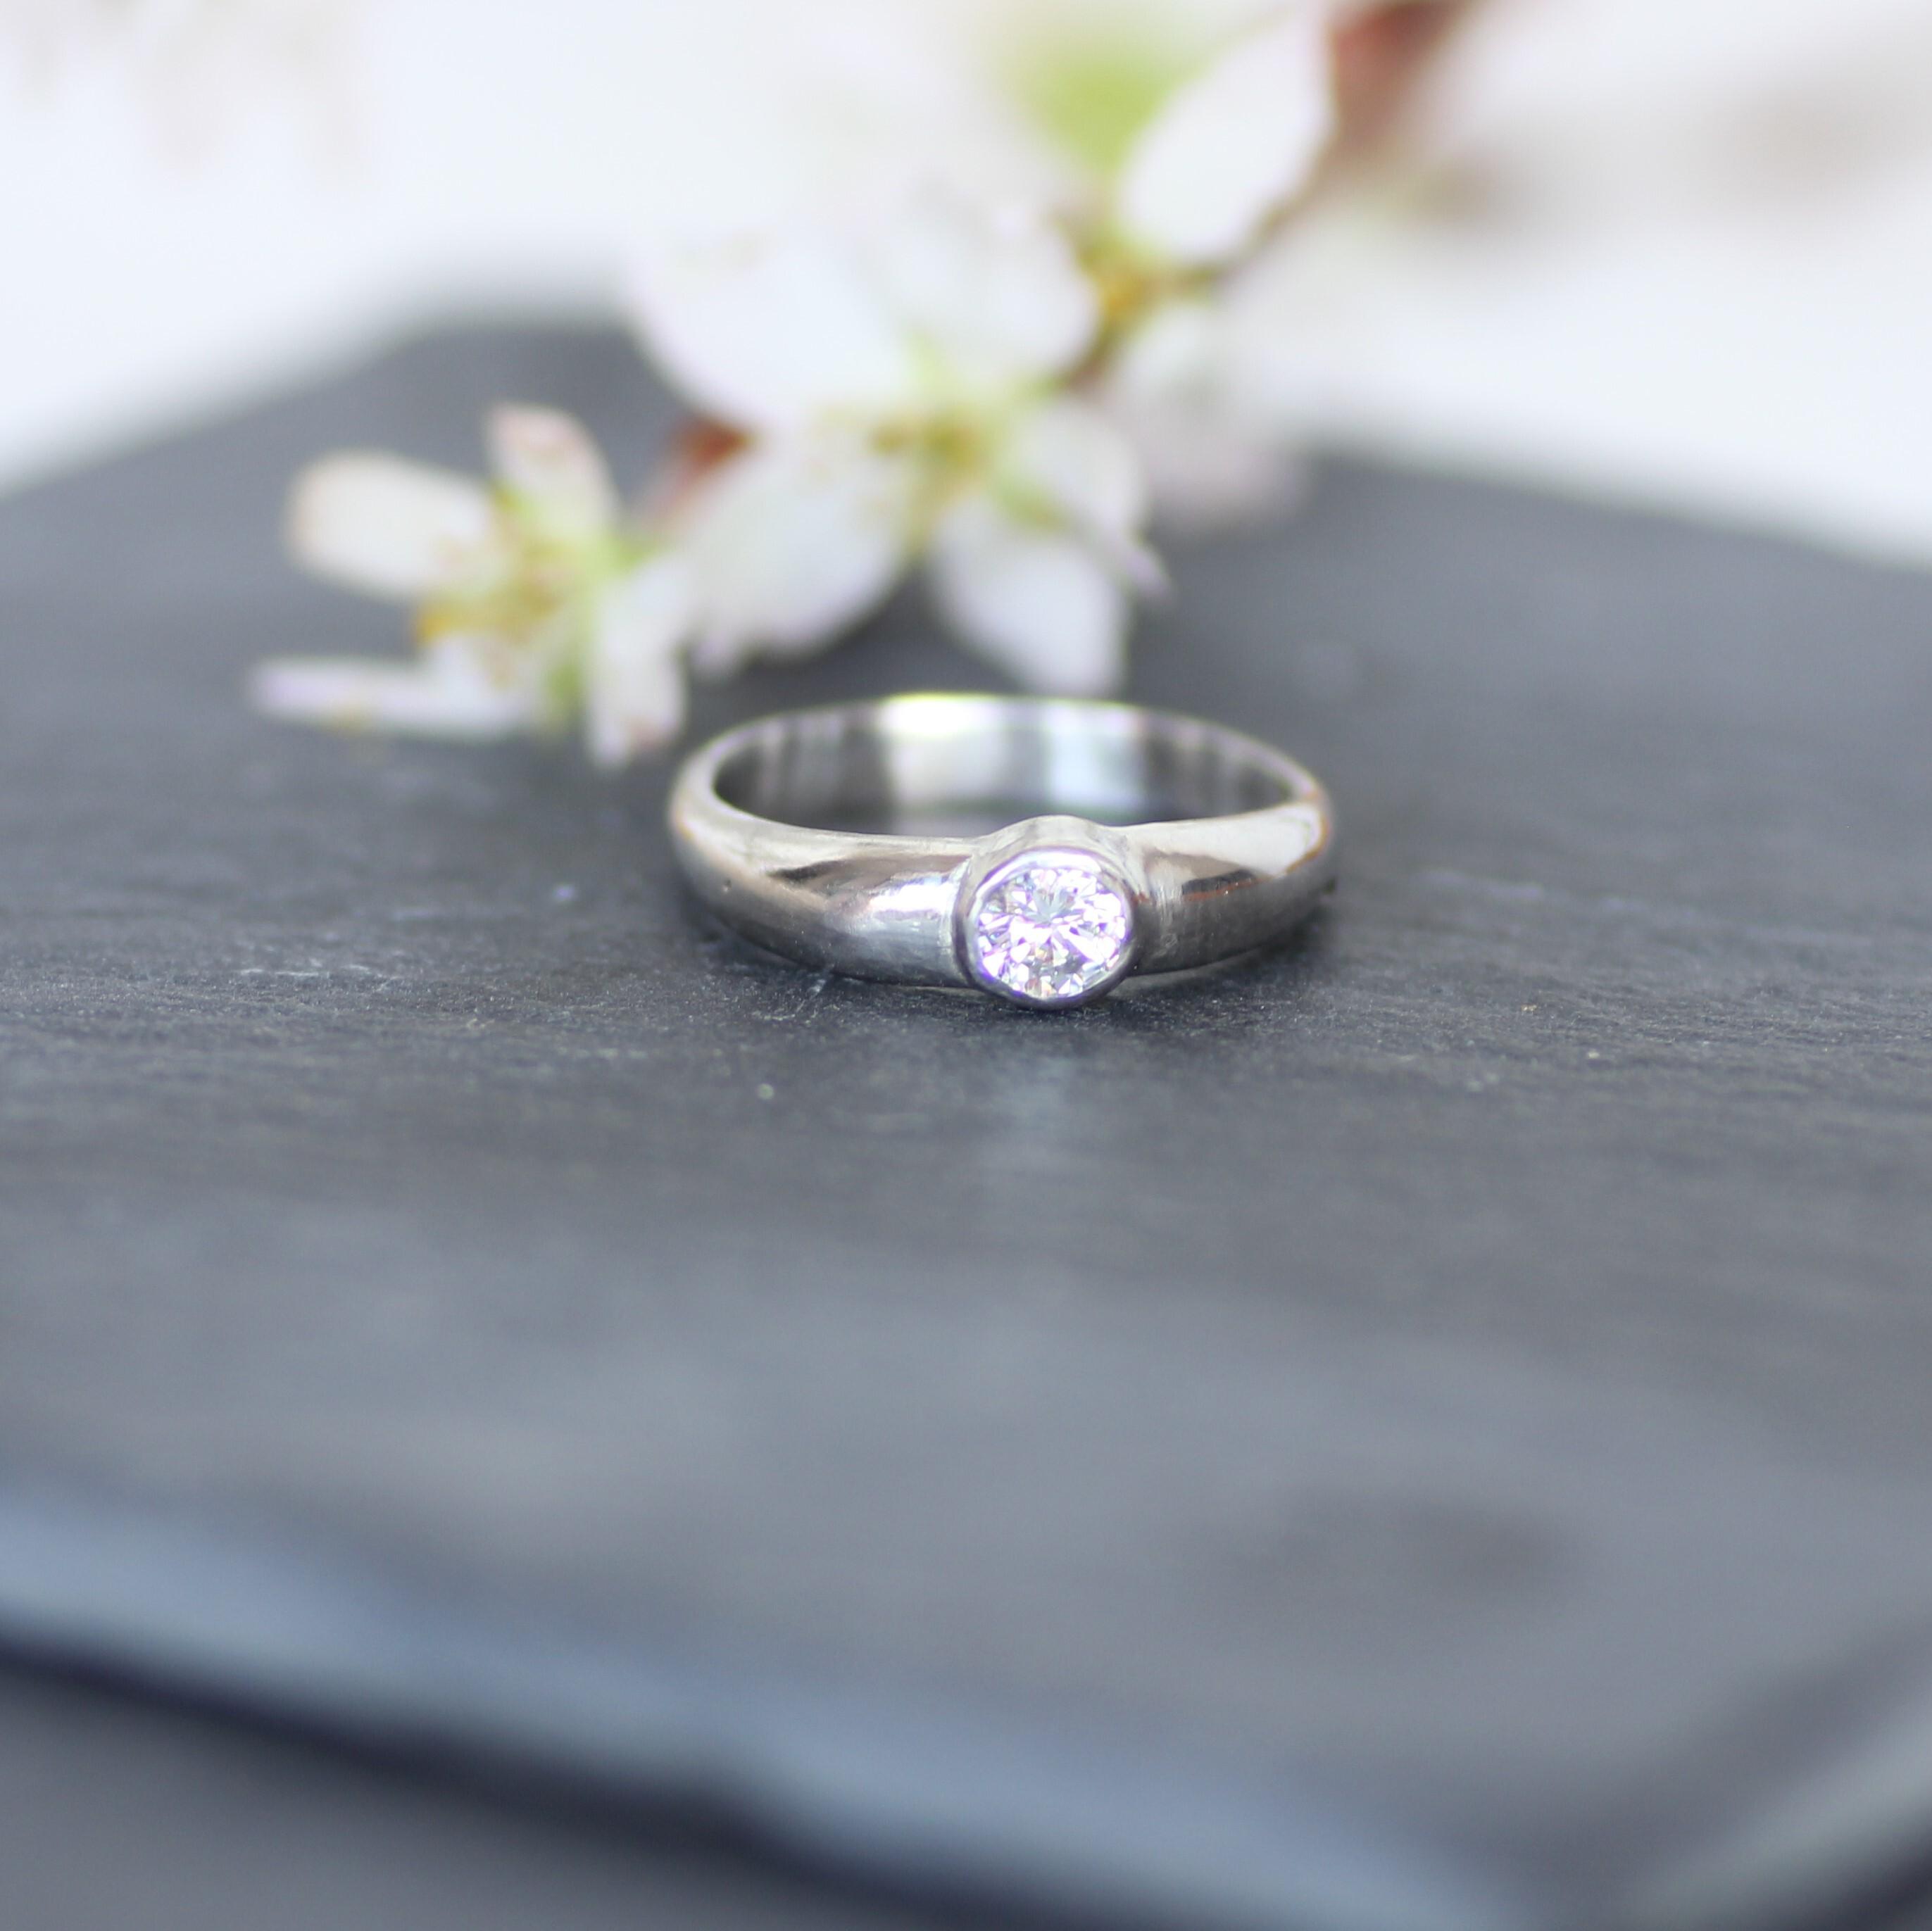 大粒ダイヤの大人リング 贅沢にたっぷりとプラチナを使ったモダンでシンプルなフォルム Pt9000